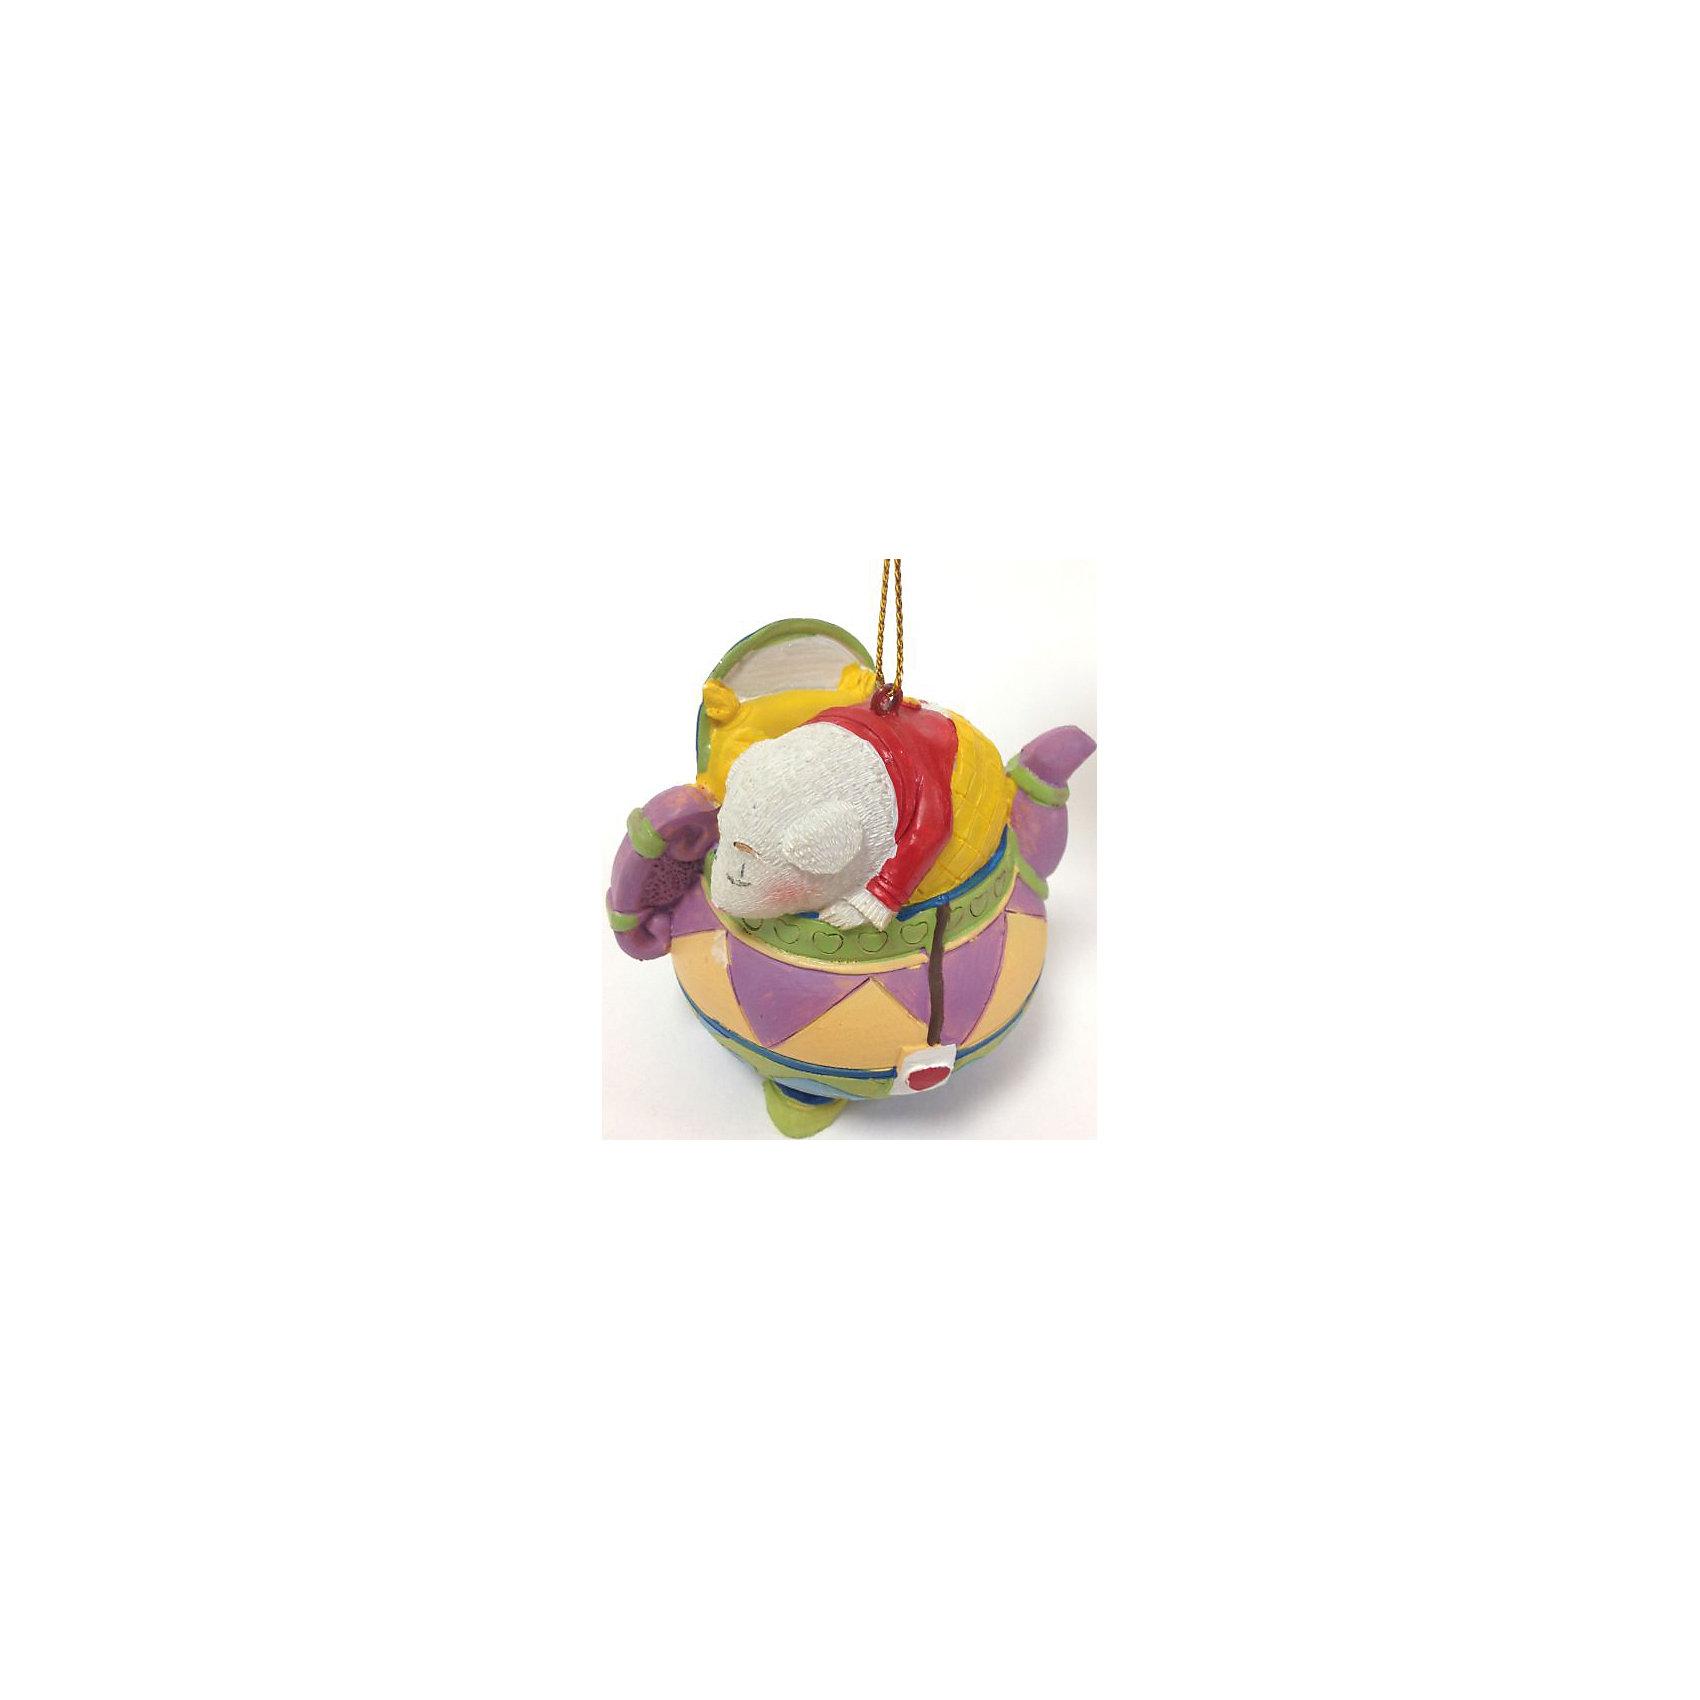 Феникс-Презент Новогоднее подвесное украшение (7.7*6.5*7.1см, из полирезины) феникс презент новогоднее подвесное украшение 6 6 4 6 4 5см из полирезины